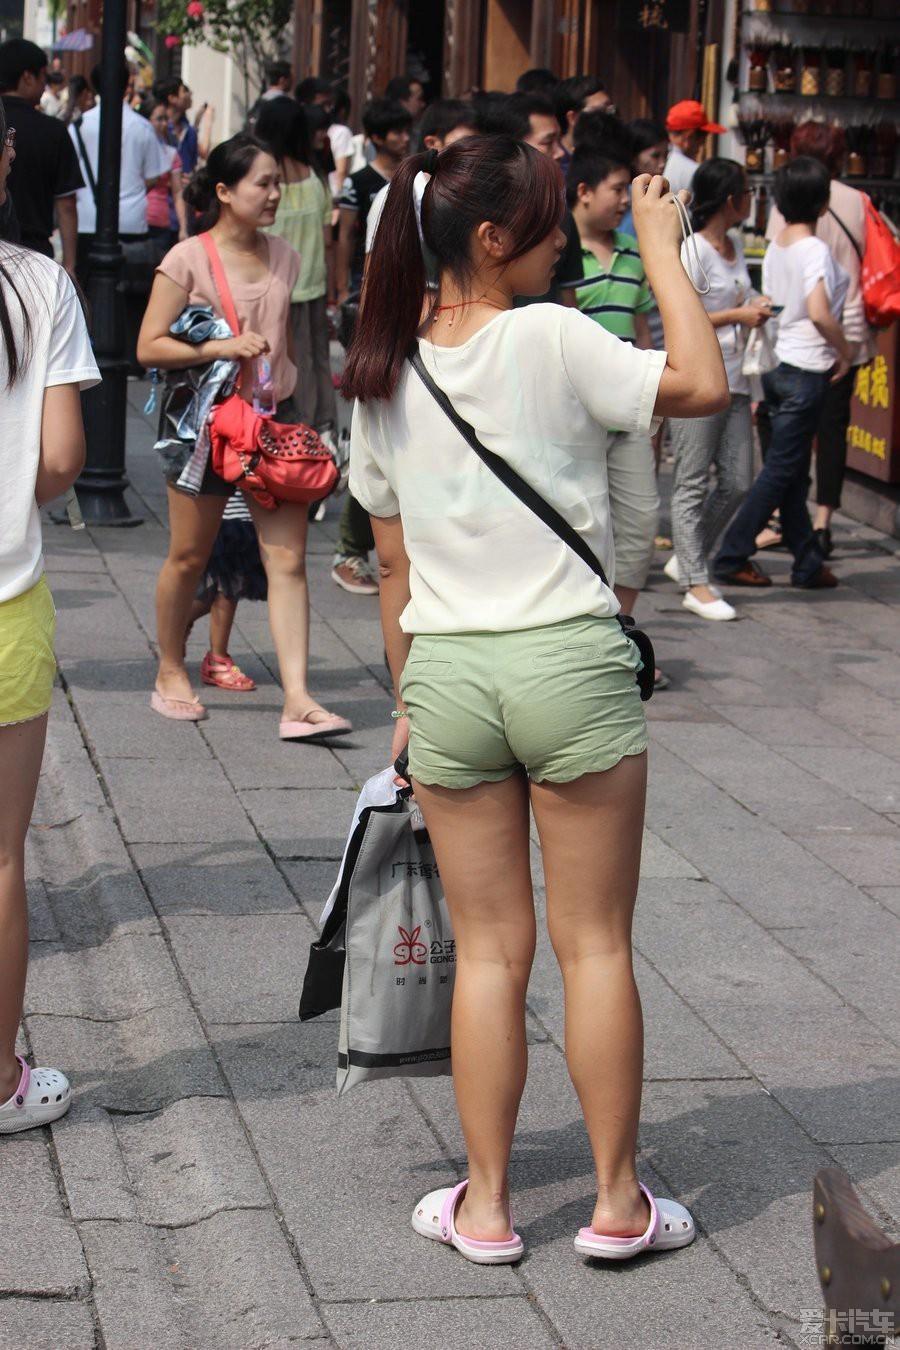 清纯还是性感 第二十五季 之街拍美女2_上海汽